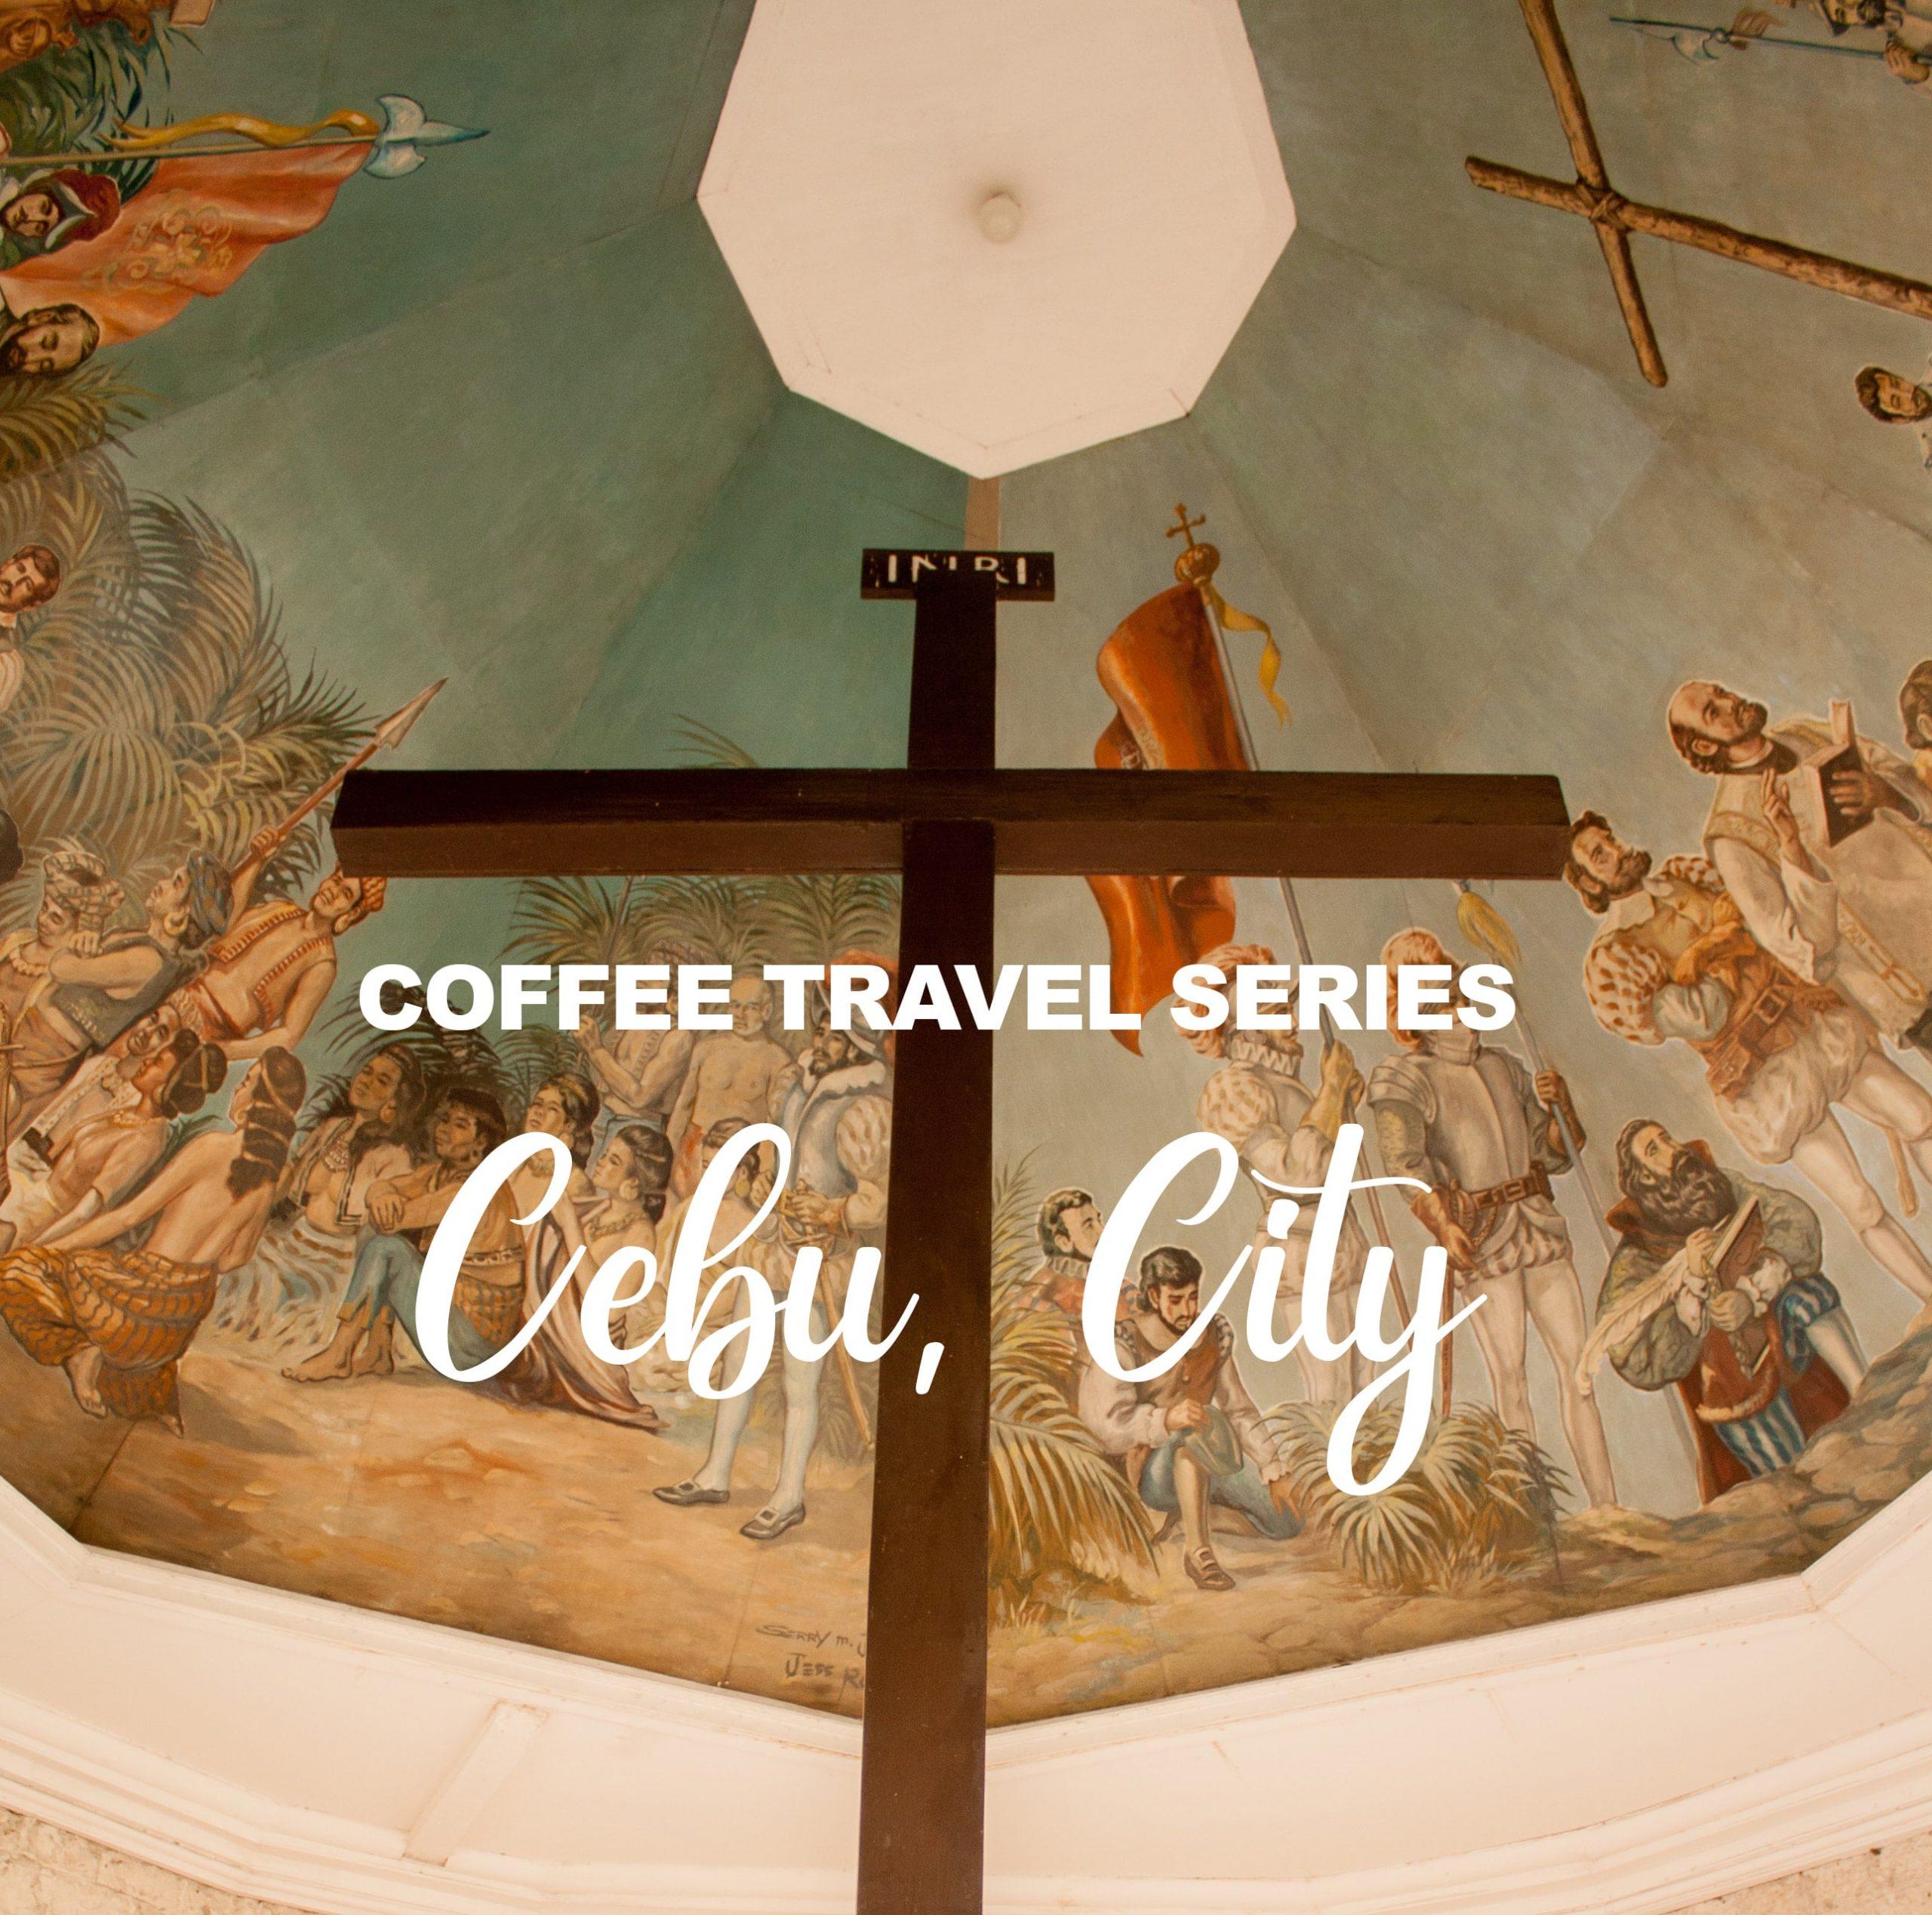 Best coffee shops in Cebu